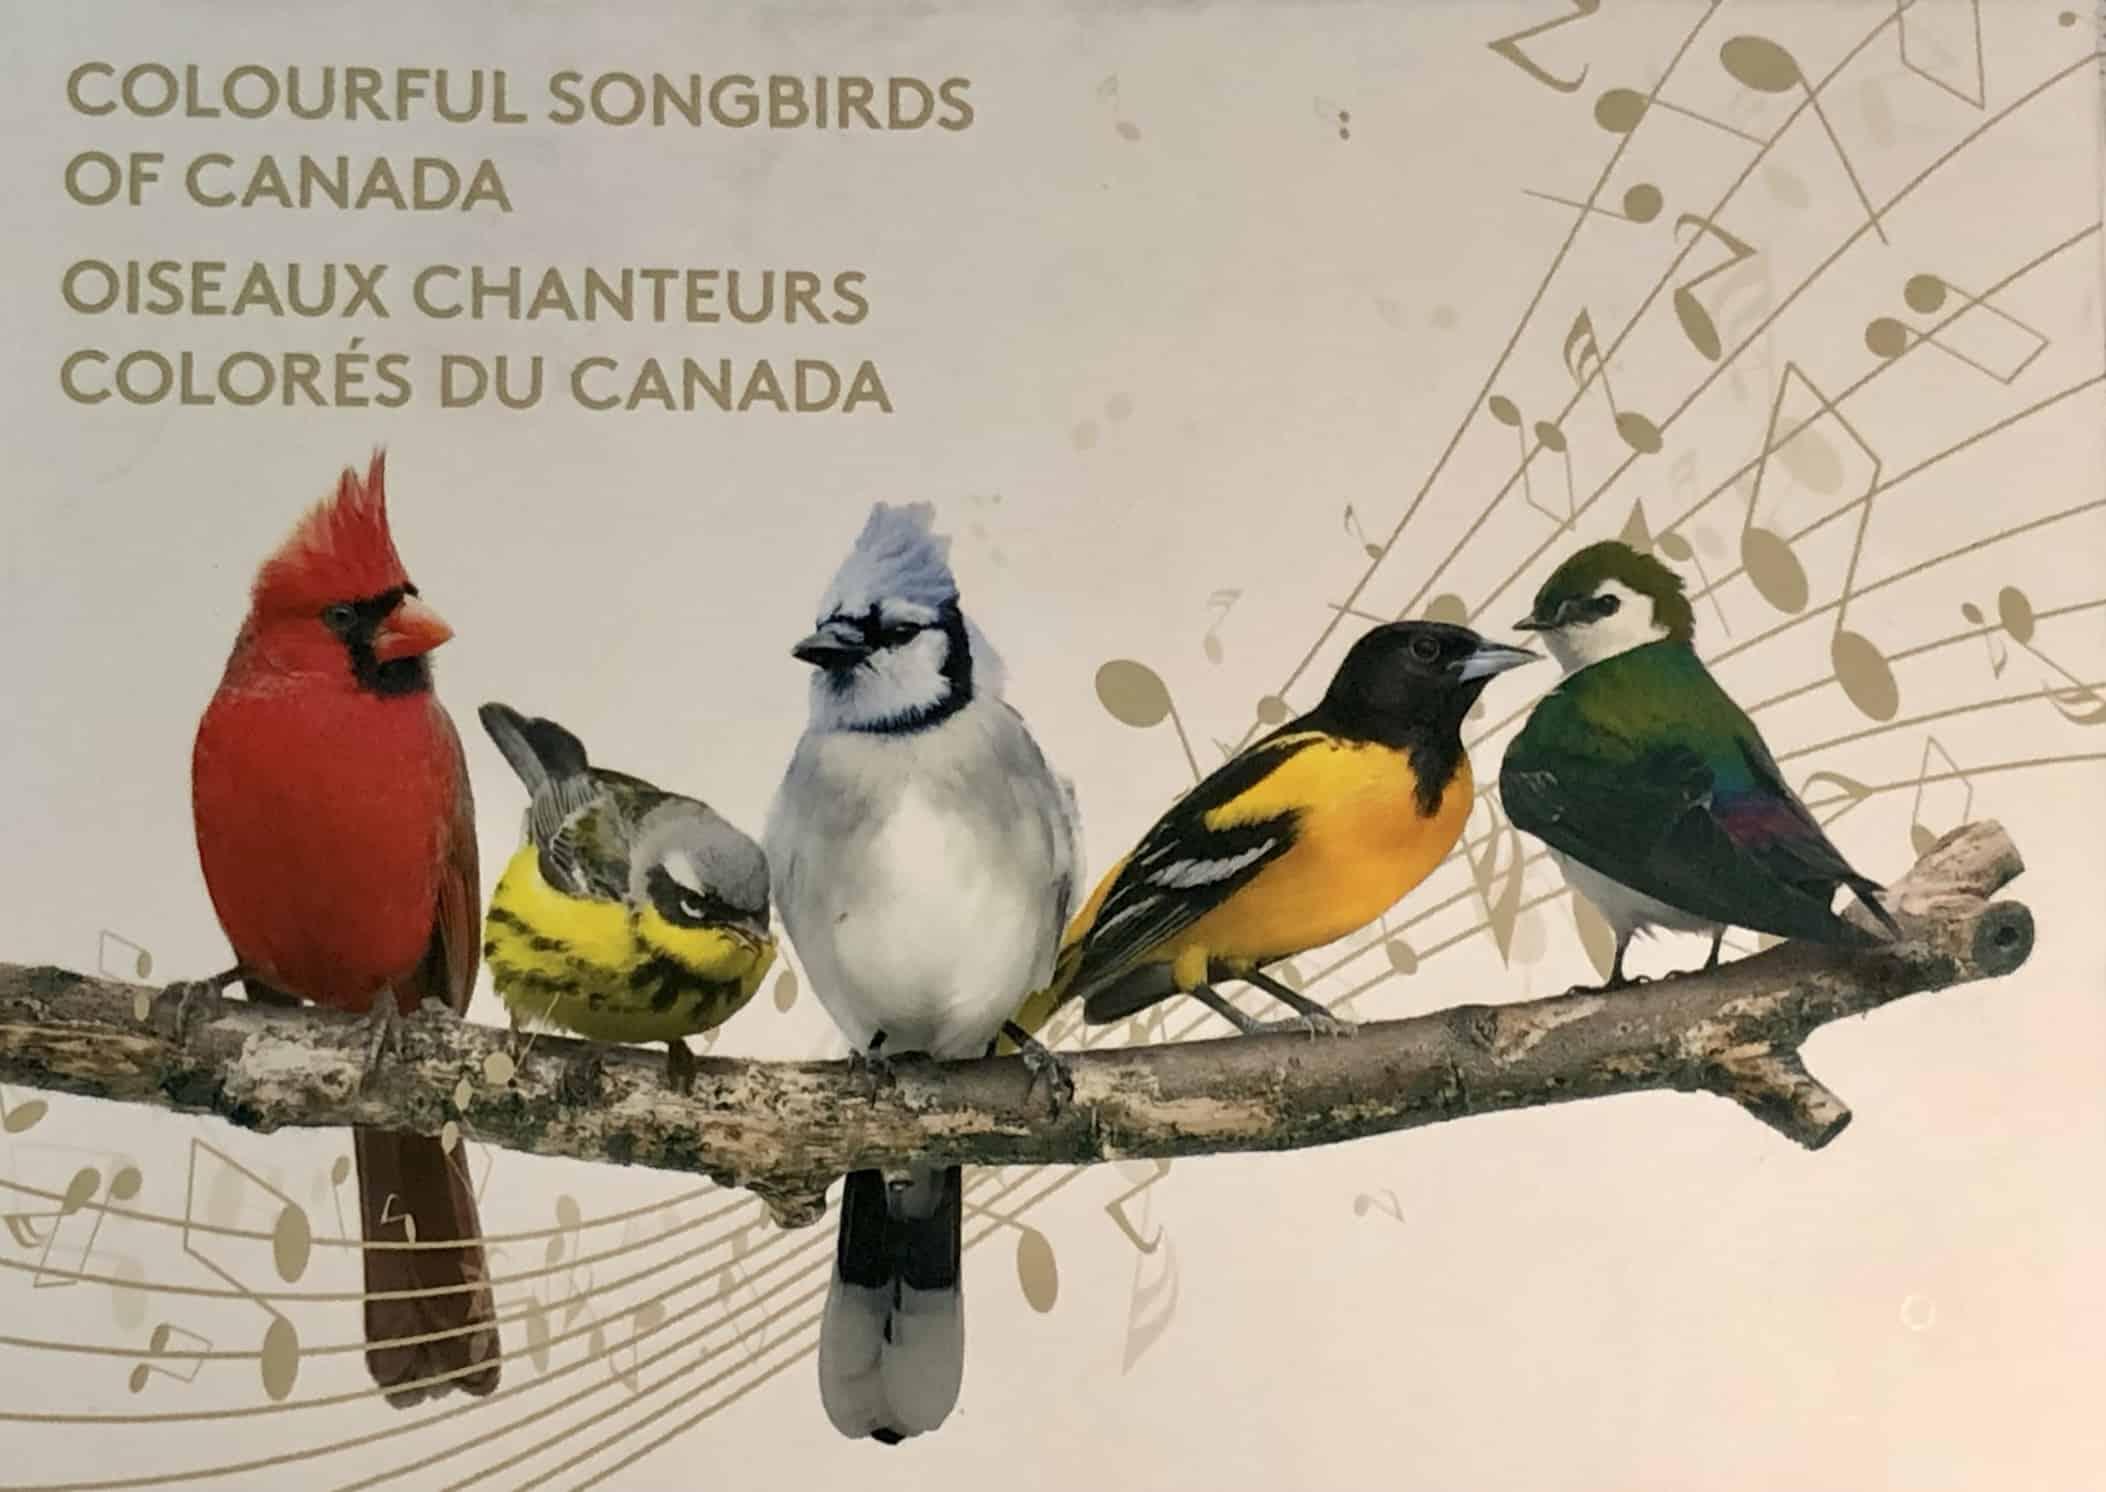 CANADA - Oiseaux chanteurs colorés du Canada 2015